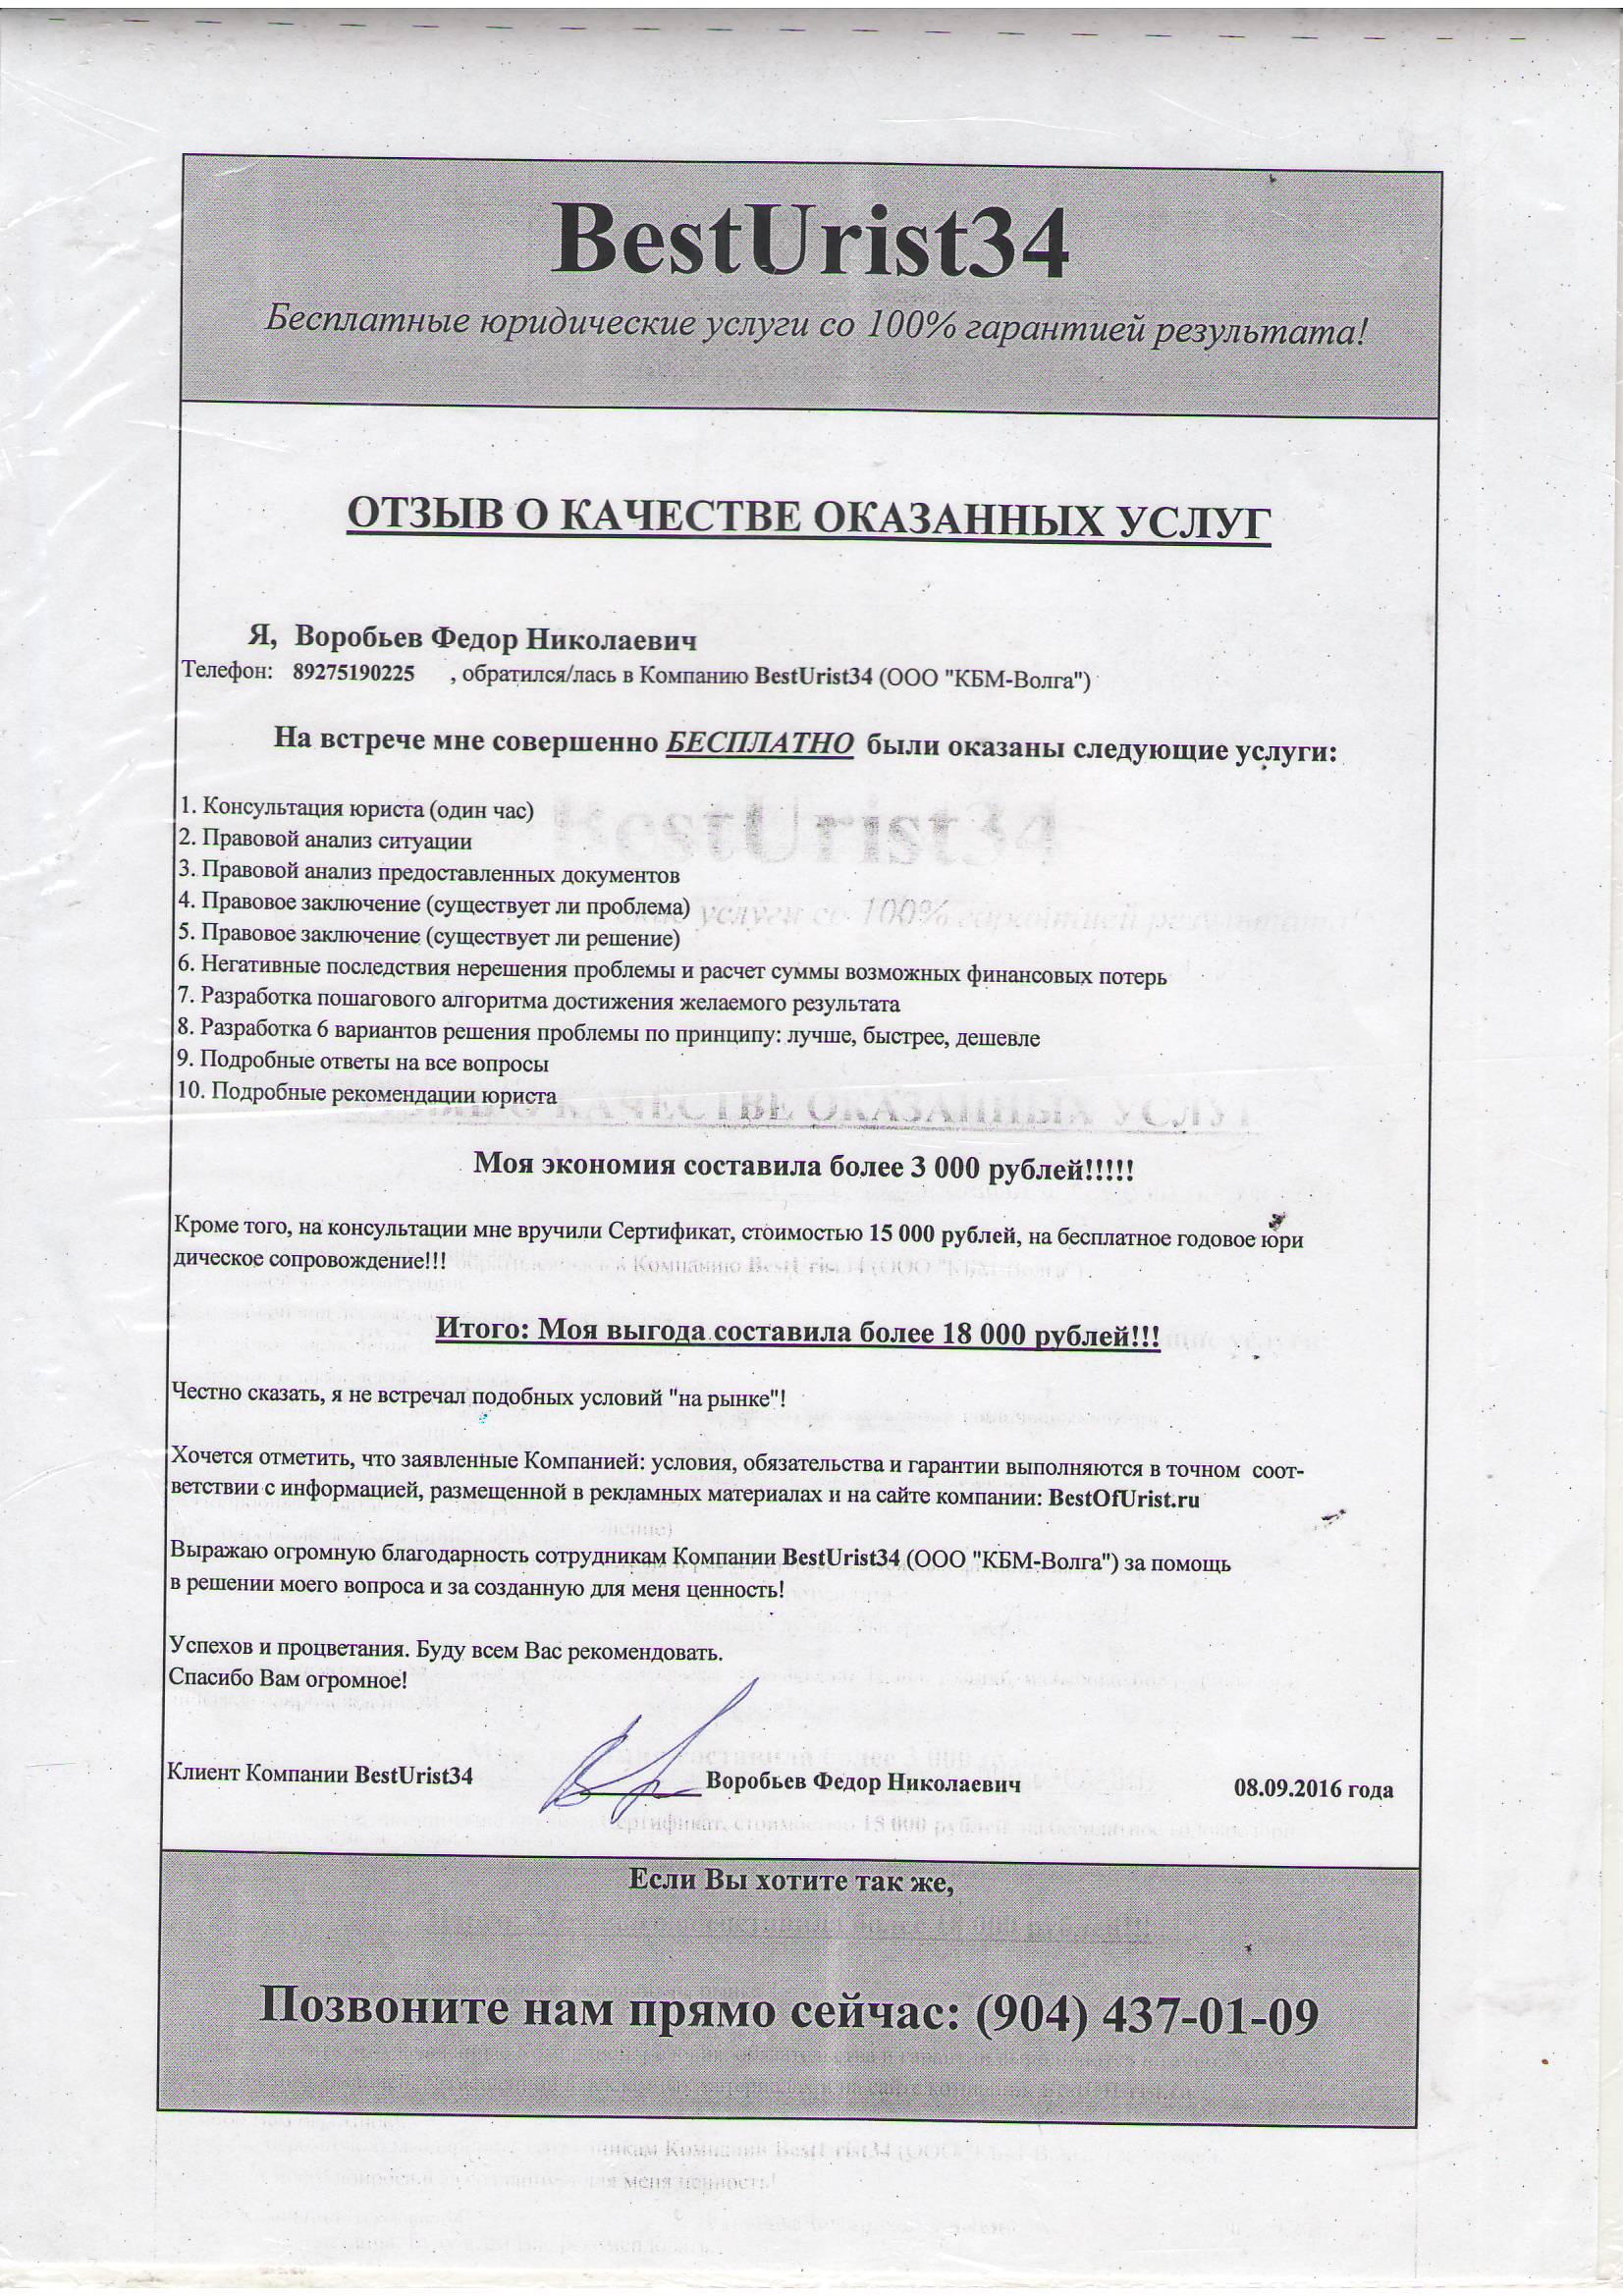 Бесплатная консультация юриста по жилищным вопросам волгоград отмена штрафов ГИБДД Сказочная улица